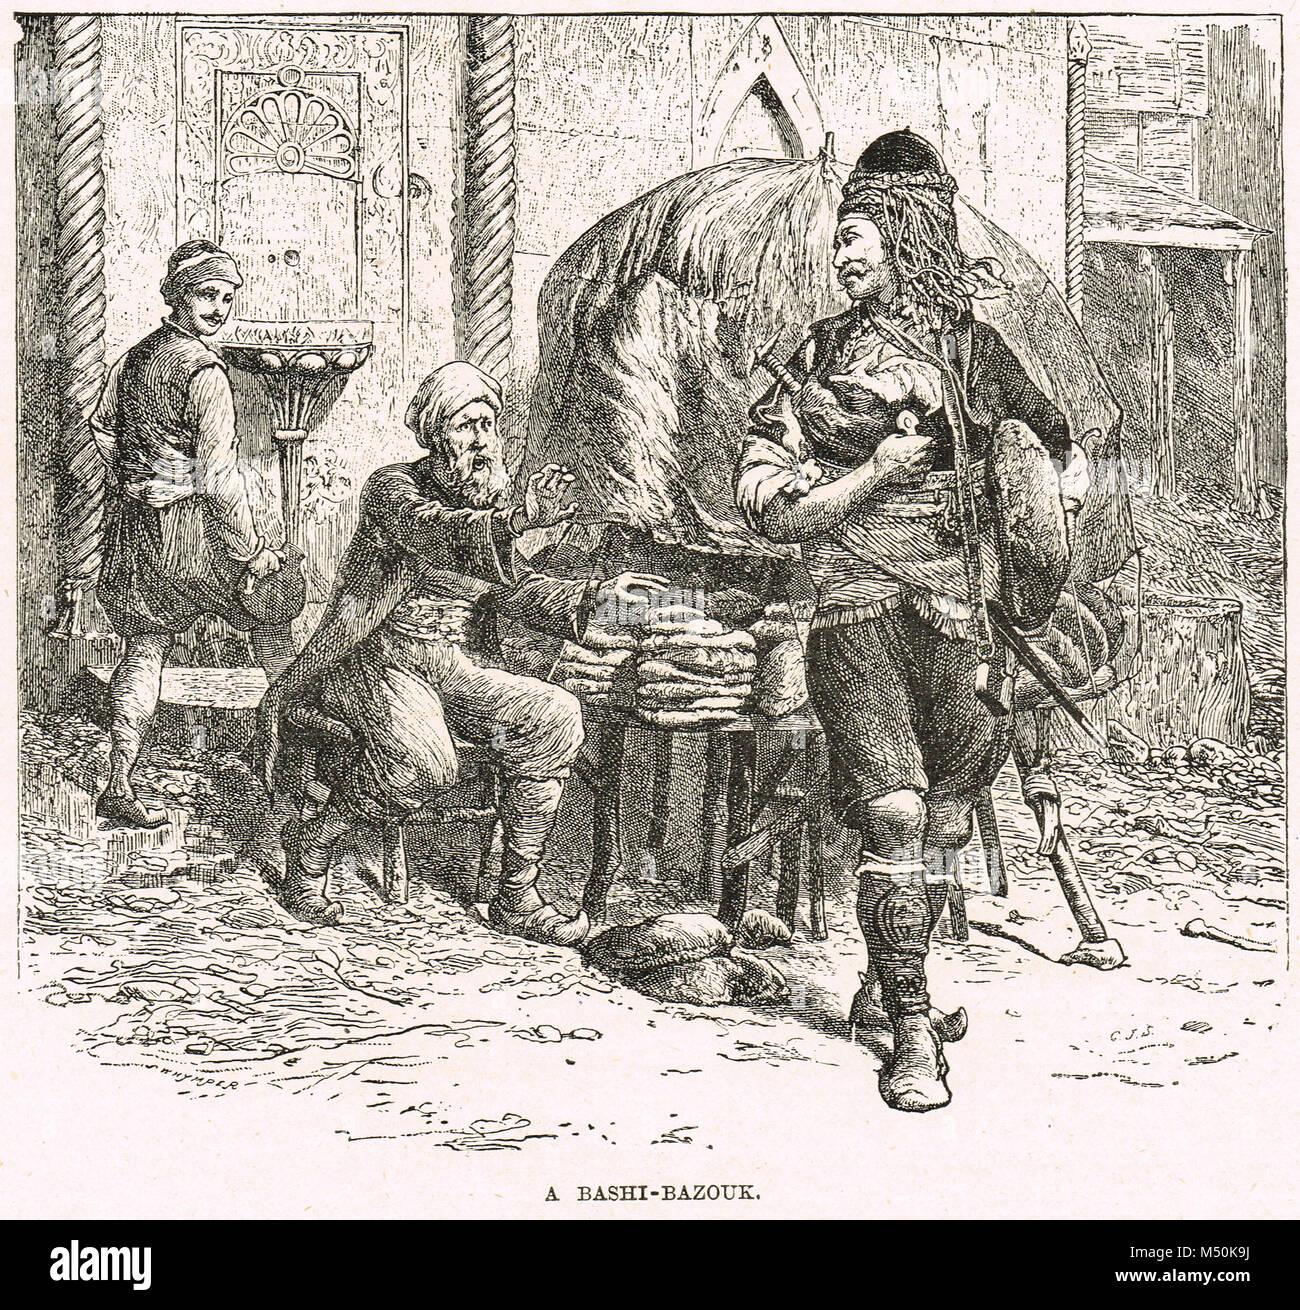 A Bashi-Bazouk, Crimean war, 1854 - Stock Image